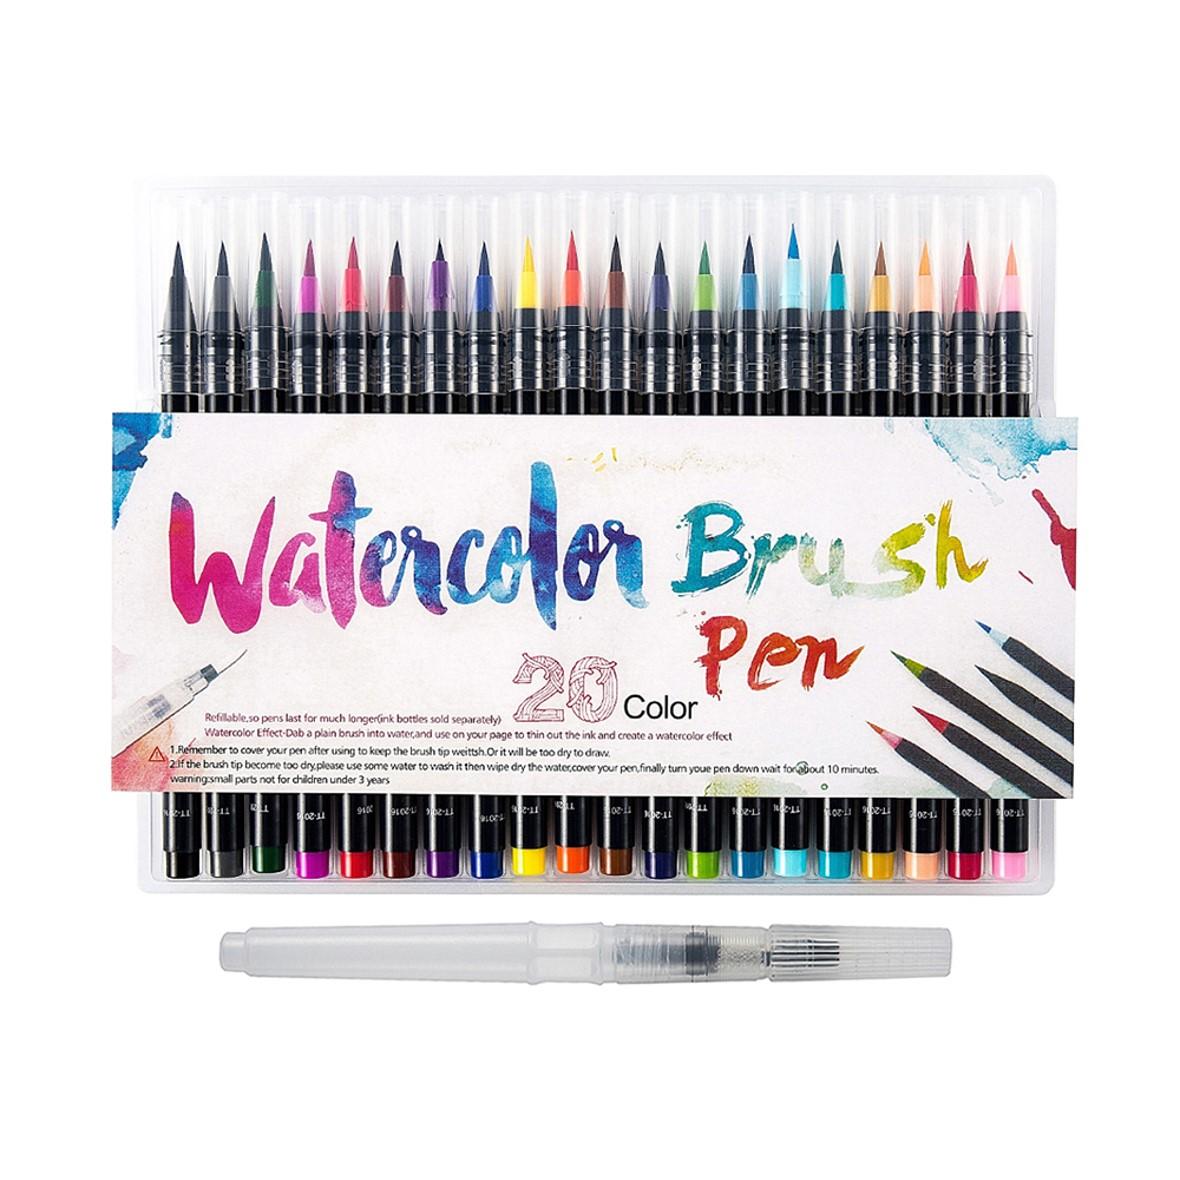 Watercolour Brush Pen Set